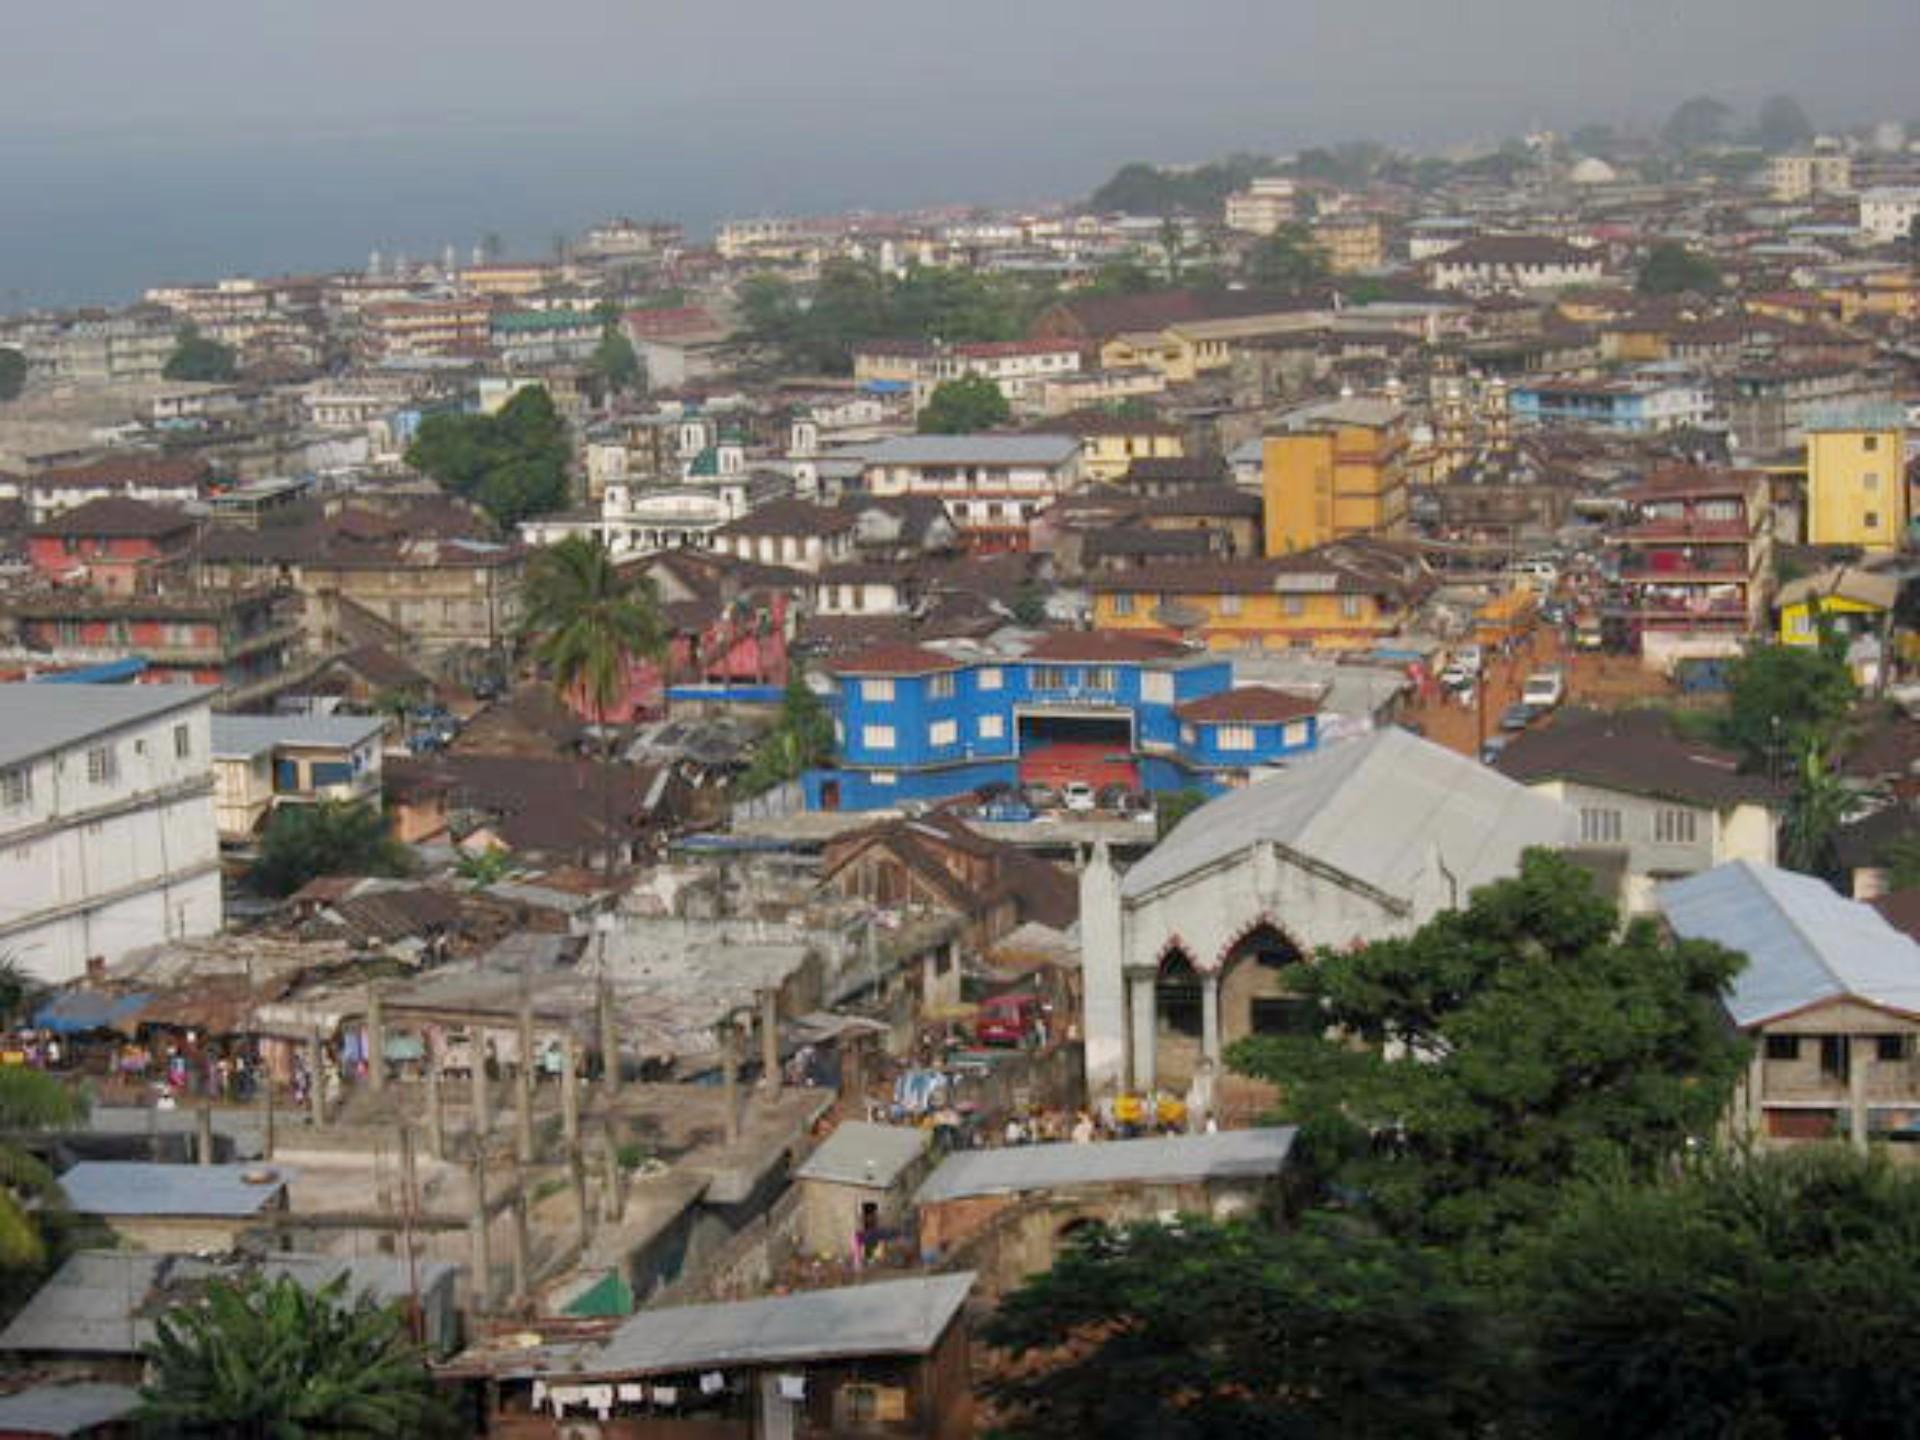 Sierra Leone Population in 2017